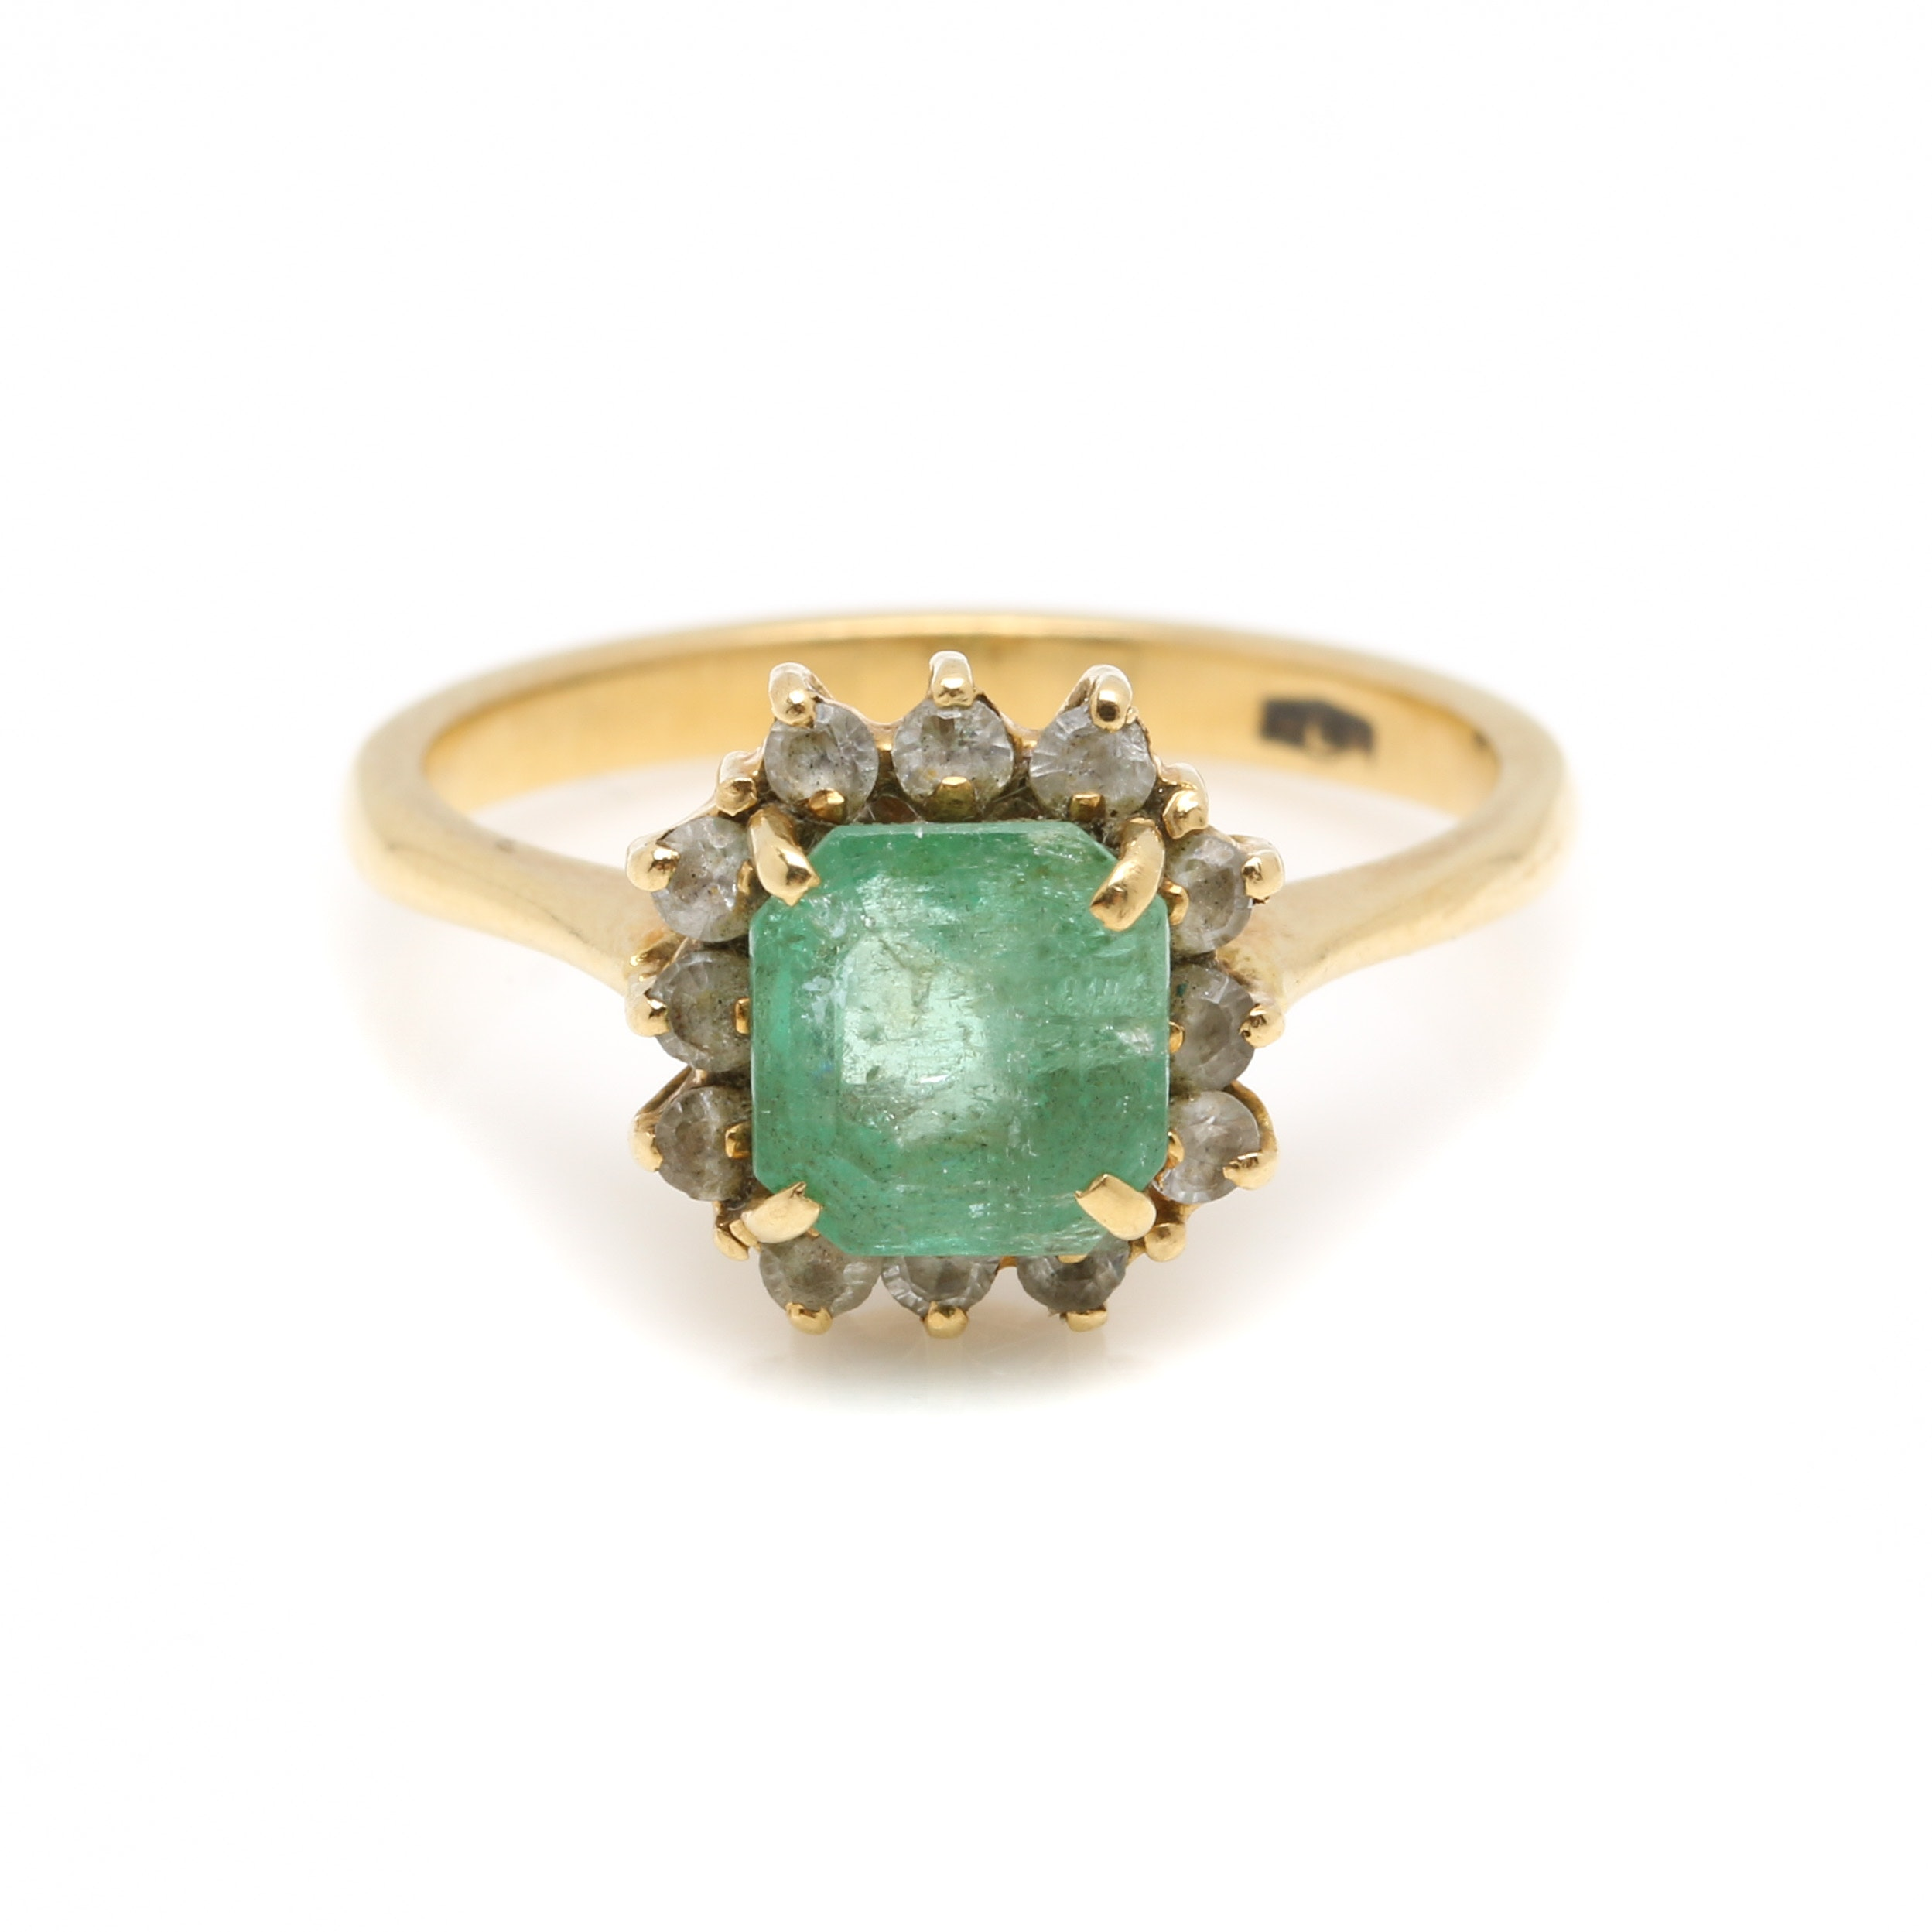 18K Yellow Gold 1.62 CT Emerald and White Zircon